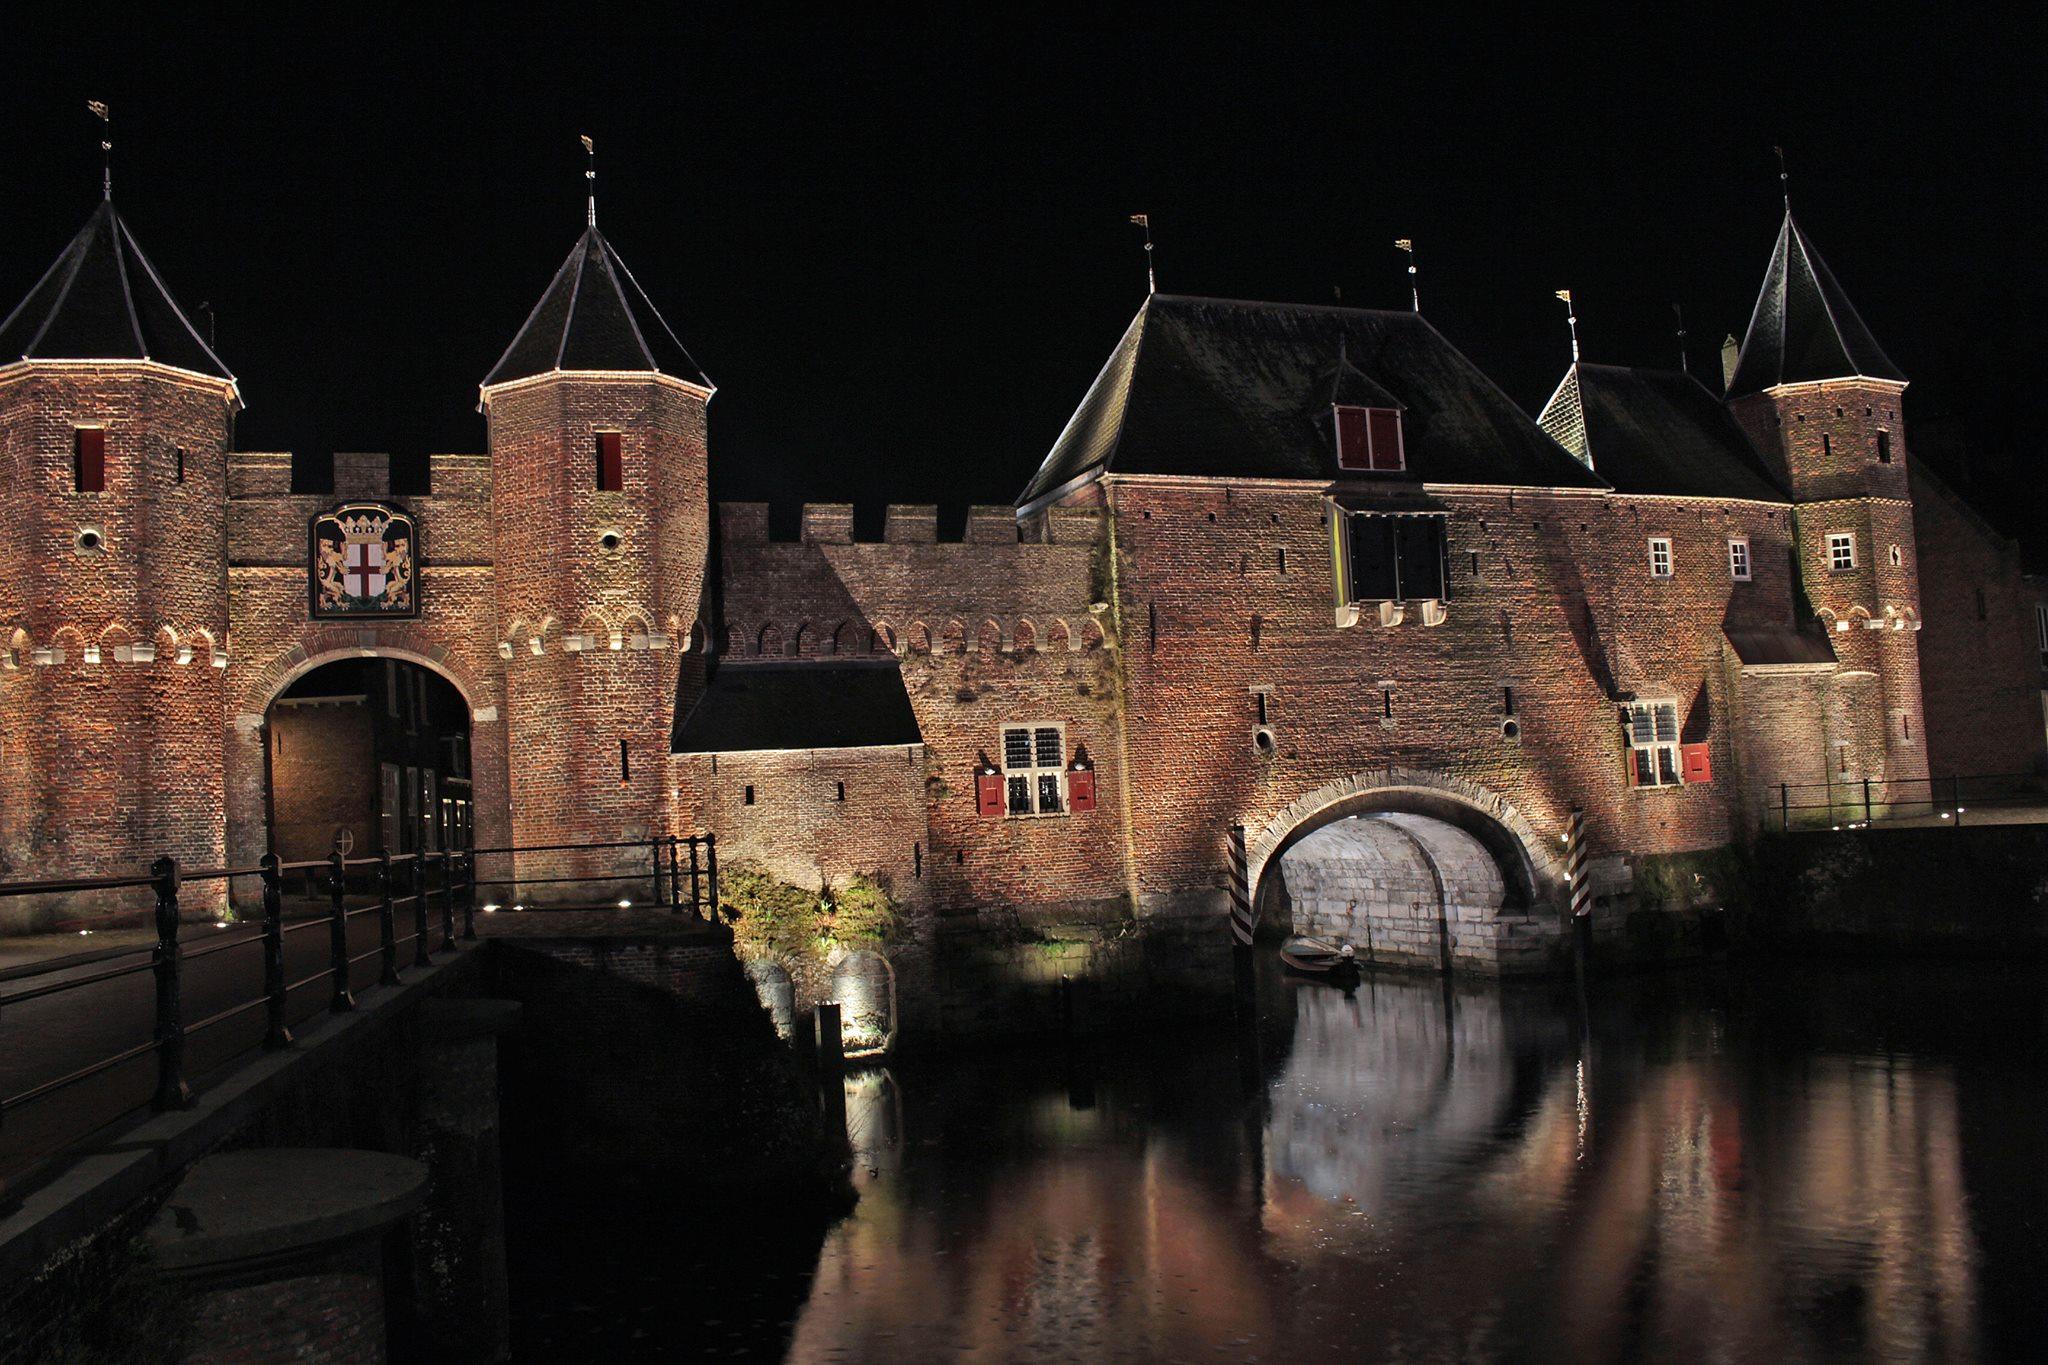 Foto's van Amersfoort in het donker